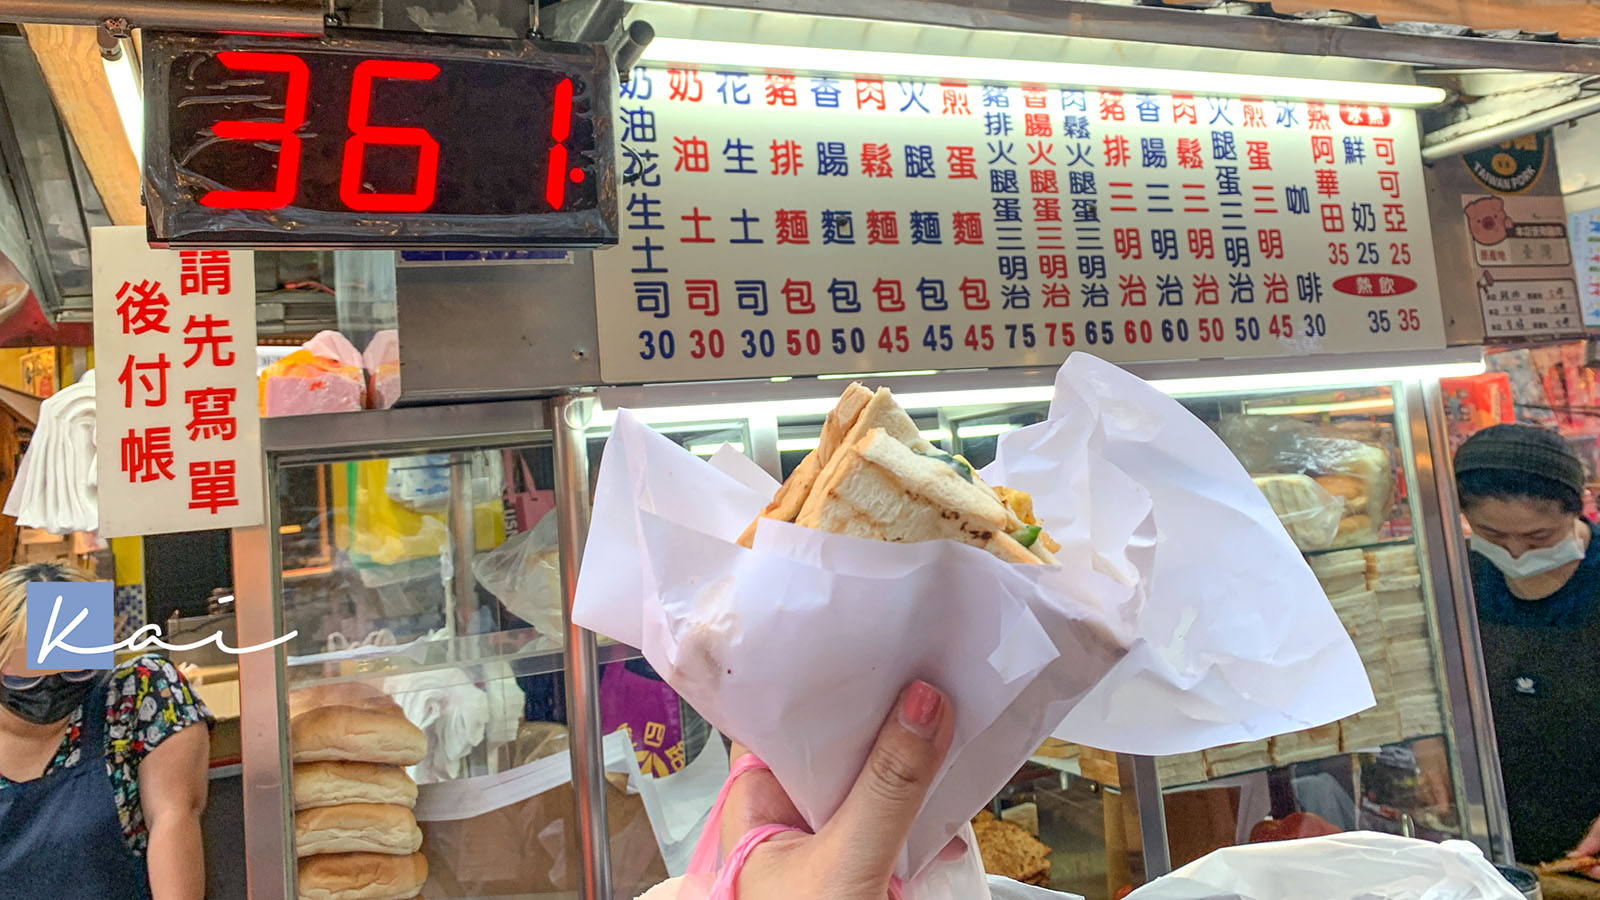 ☆【基隆美食】基隆夜市炭烤三明治。必吃炭火焦香豬排三明治 @凱的日本食尚日記